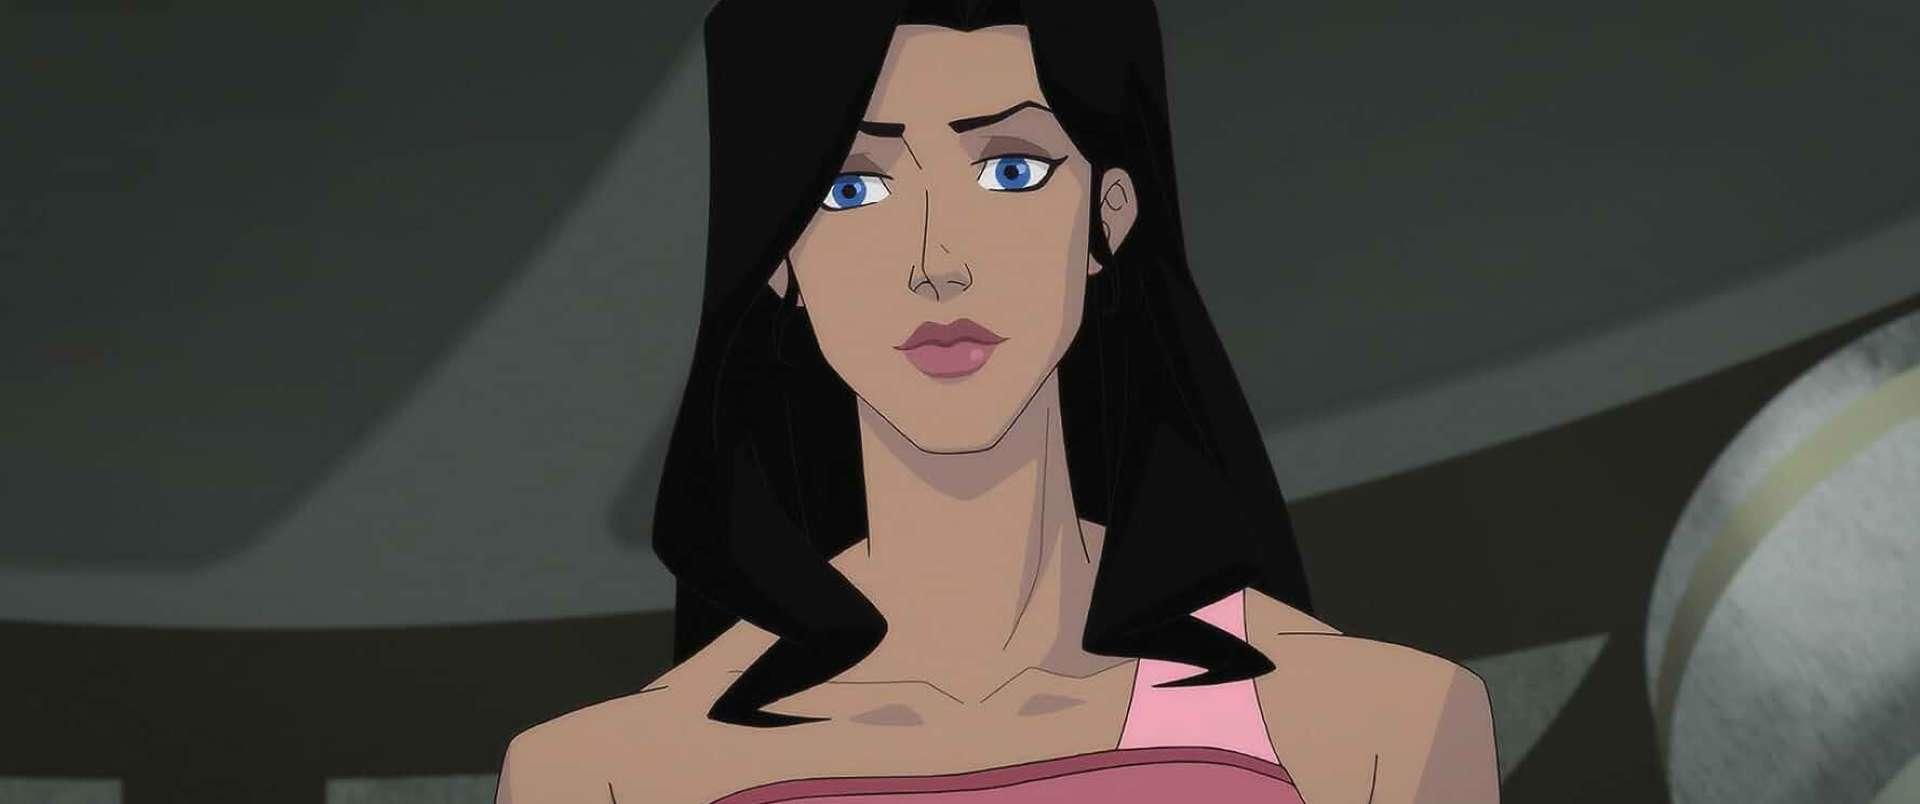 Wonder Woman: Bloodlines English